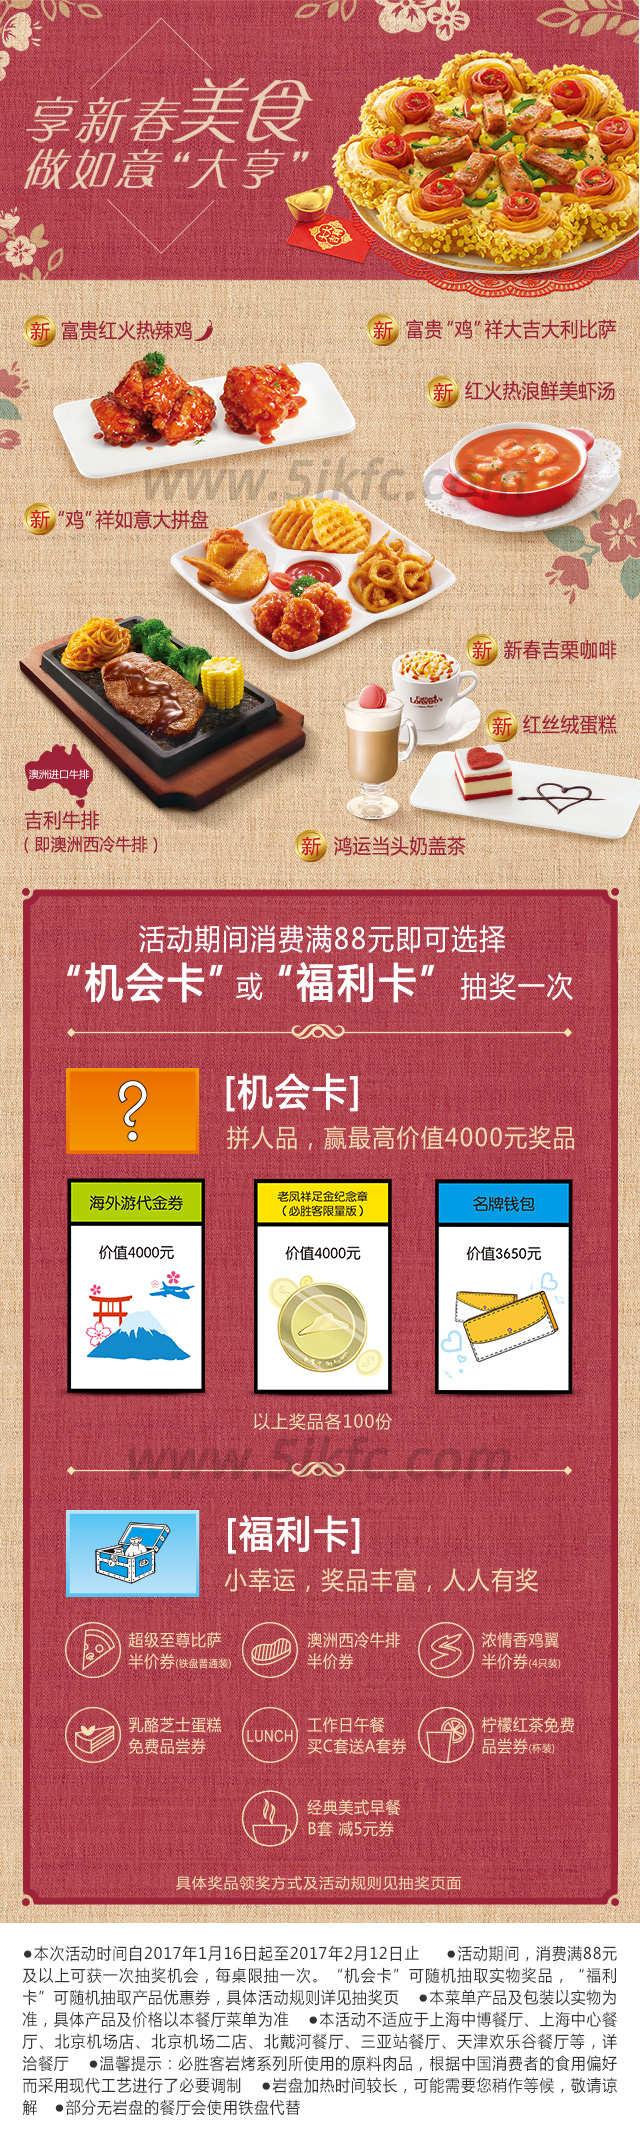 必胜客2017年春节新品,富贵鸡祥大吉大利比萨等,消费满88元更有福利 有效期至:2017年2月12日 www.5ikfc.com